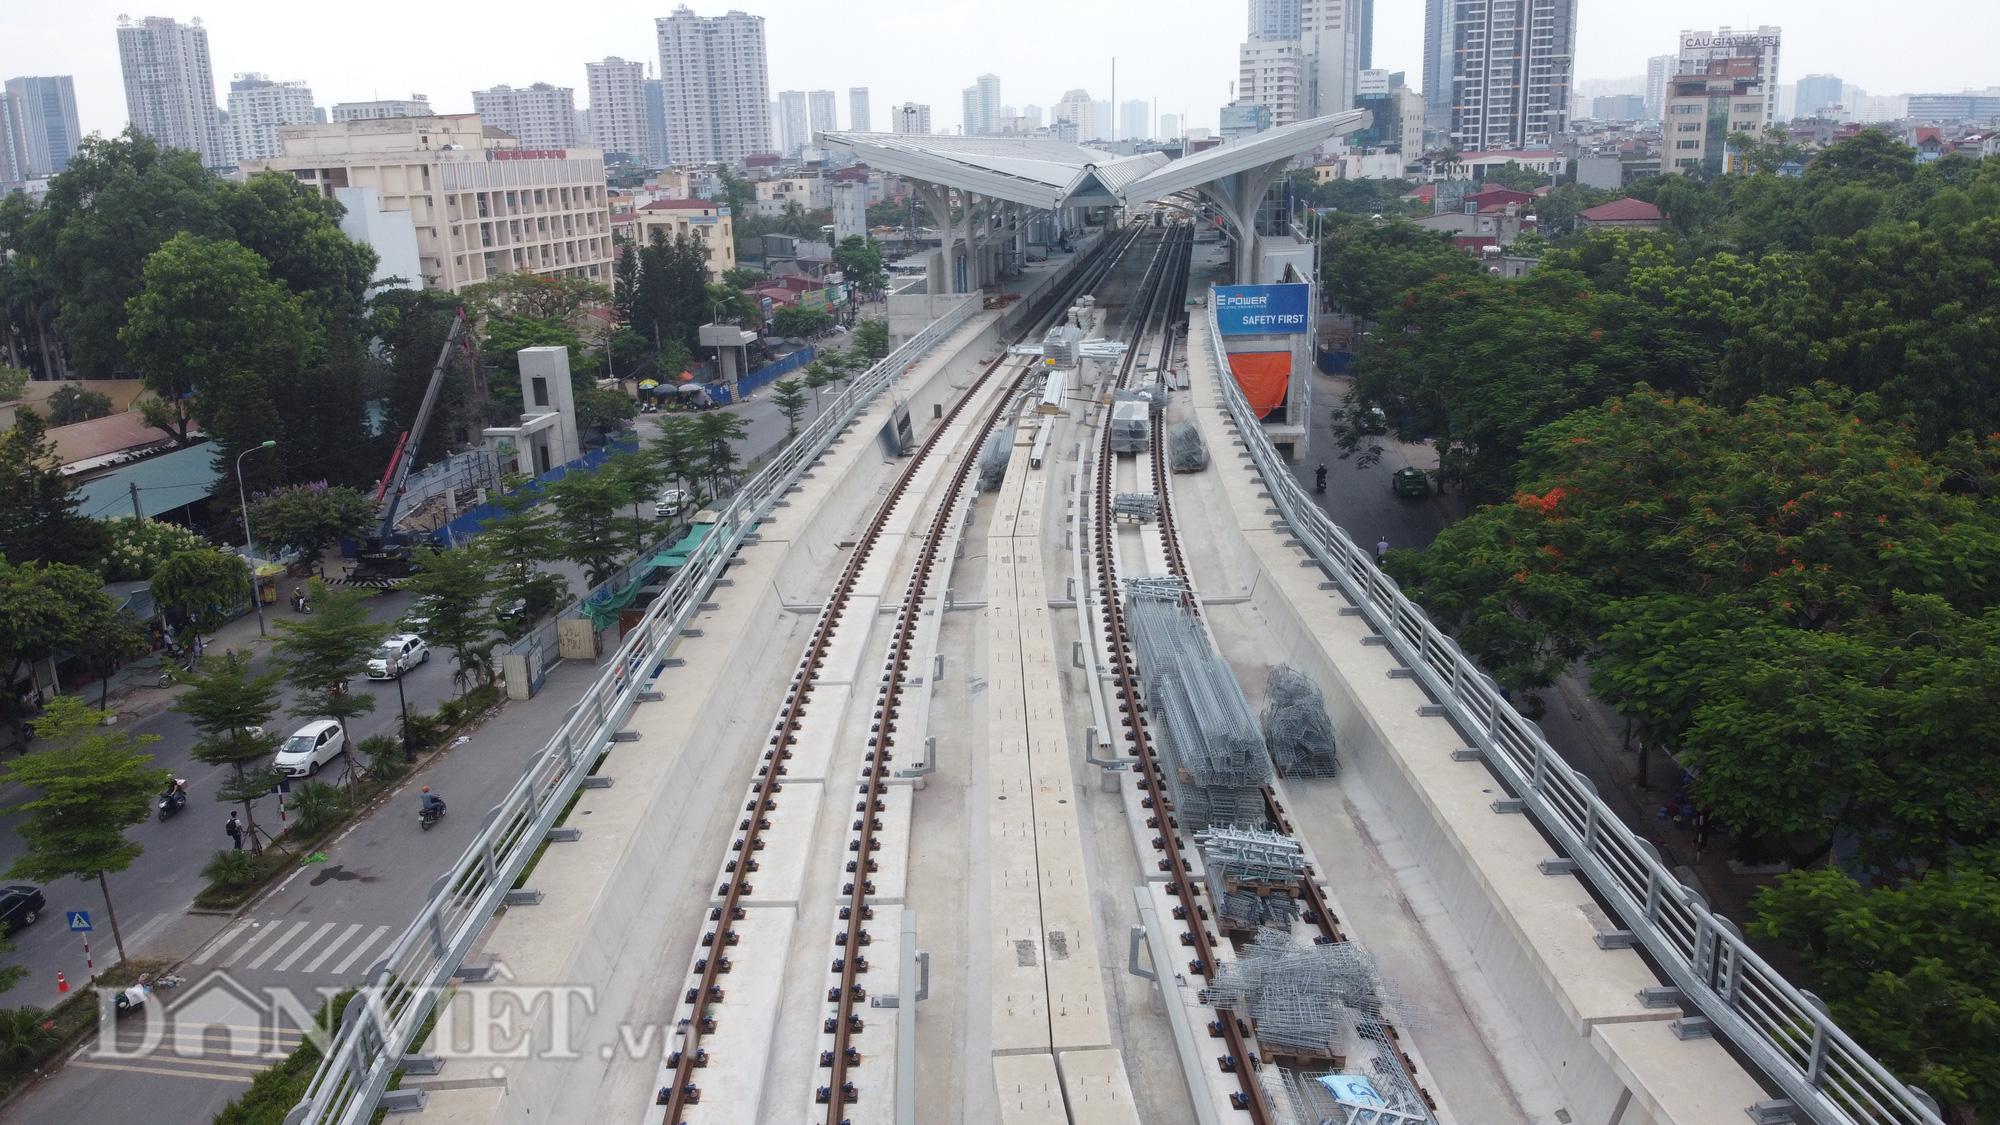 Toàn cảnh tuyến đường sắt trên cao bị đòi bồi thuờng hàng trăm tỷ đồng - Ảnh 7.